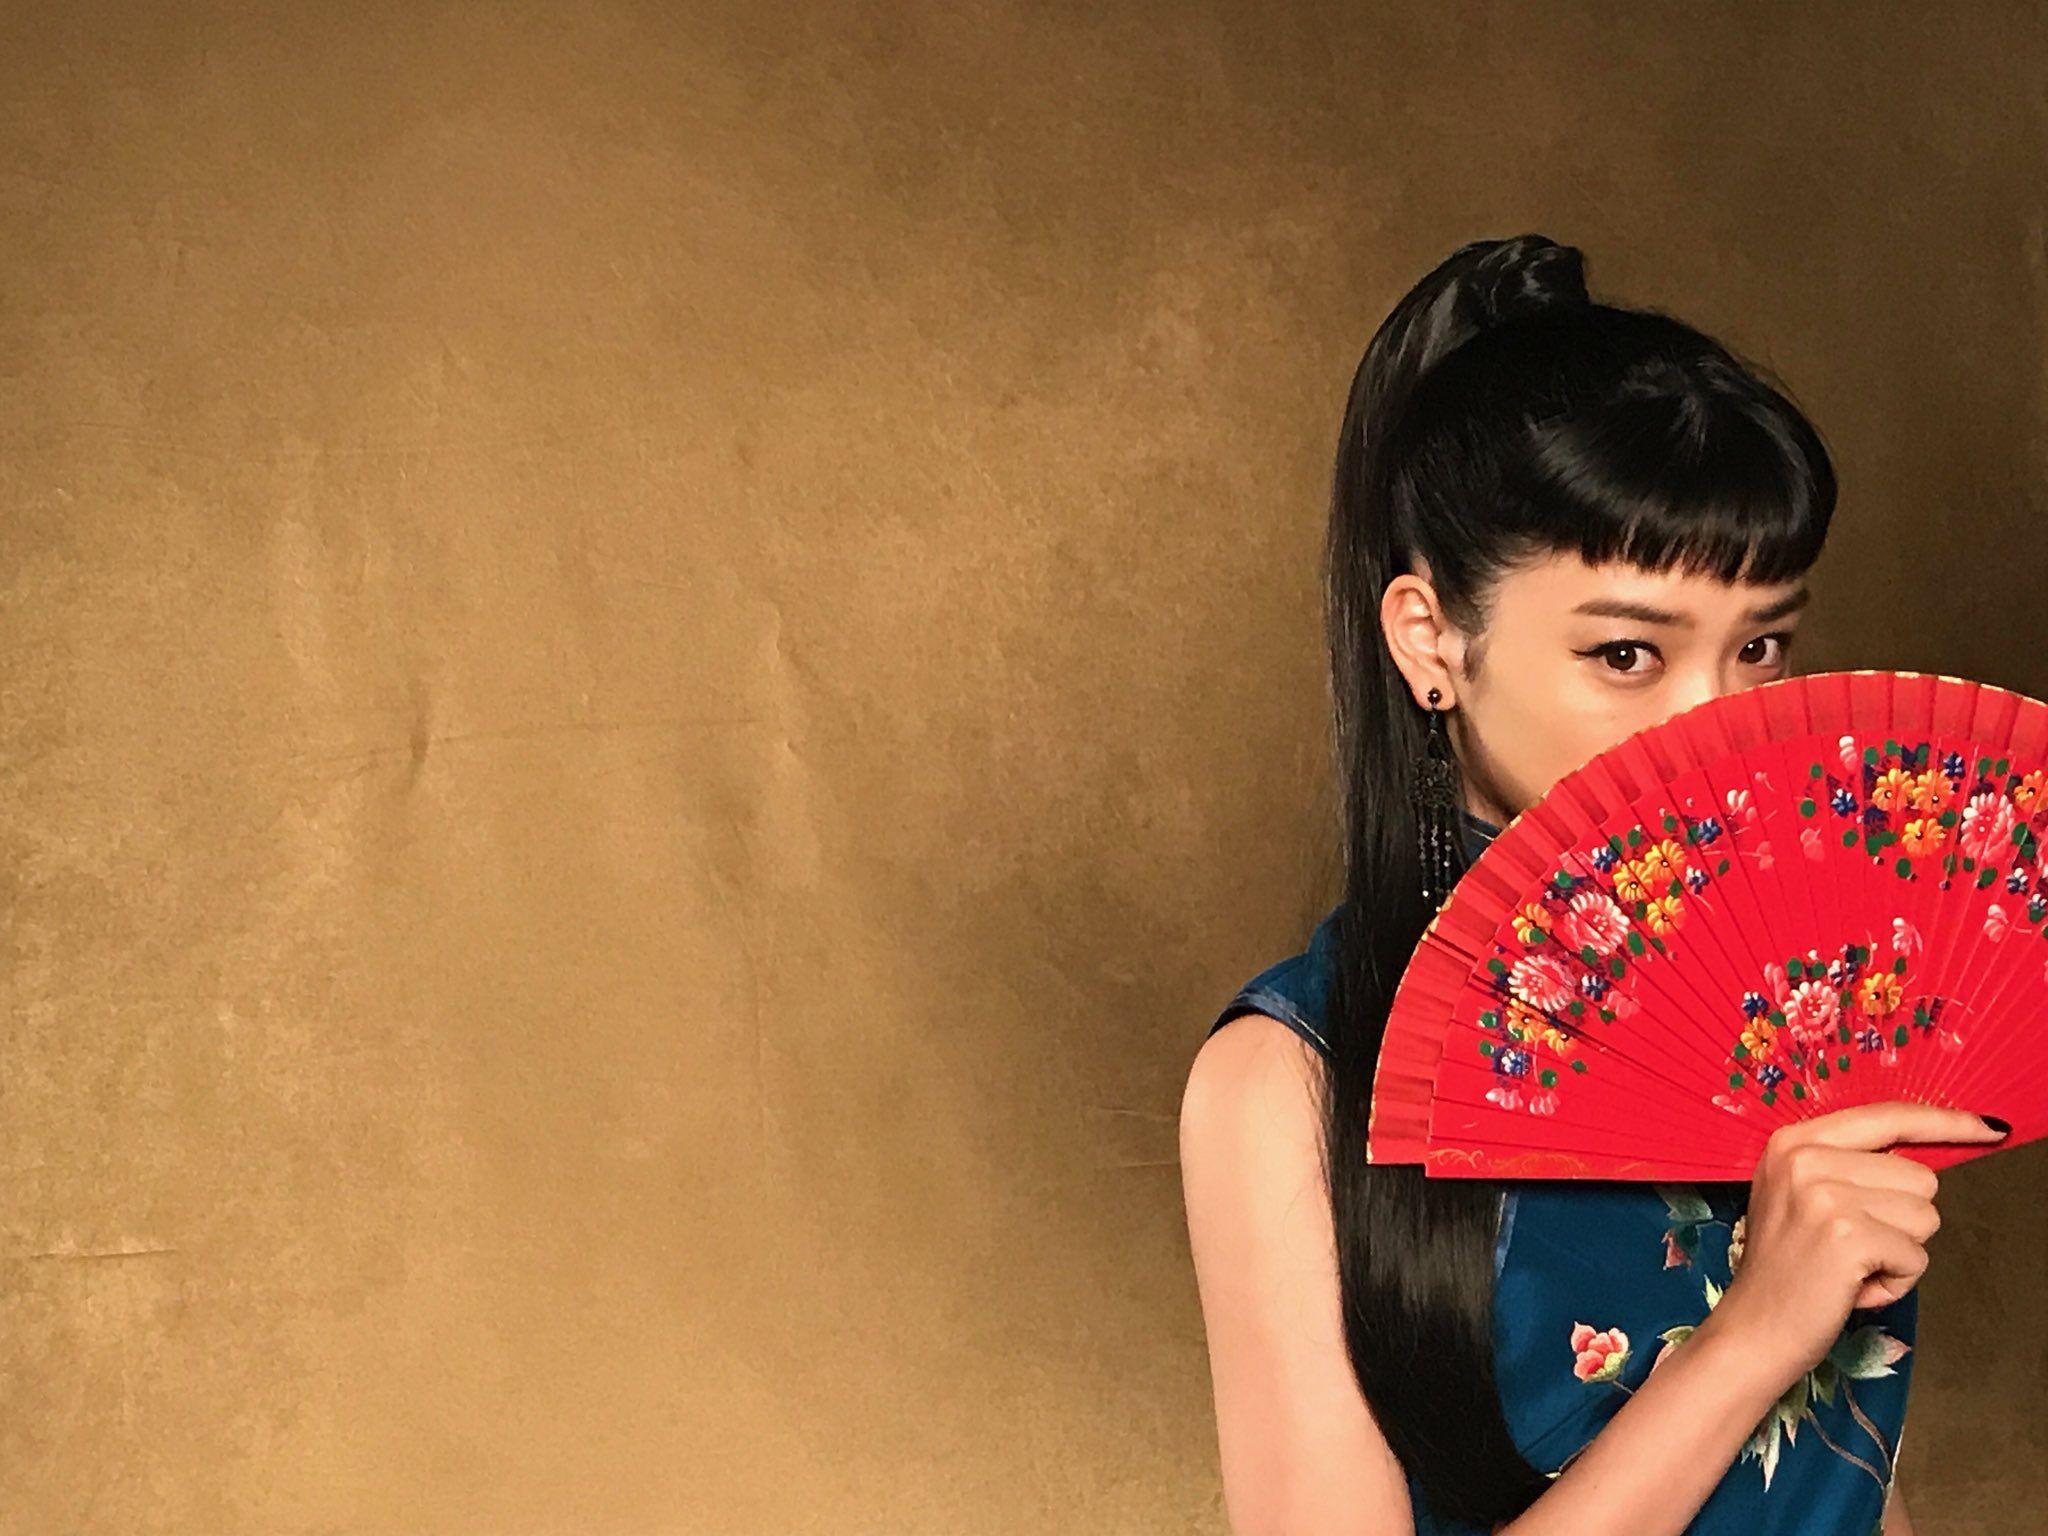 【永野芽郁の画像100枚】高画質でかわいい壁紙や待ち受け!   ページ 4   TKD NAVI magazine